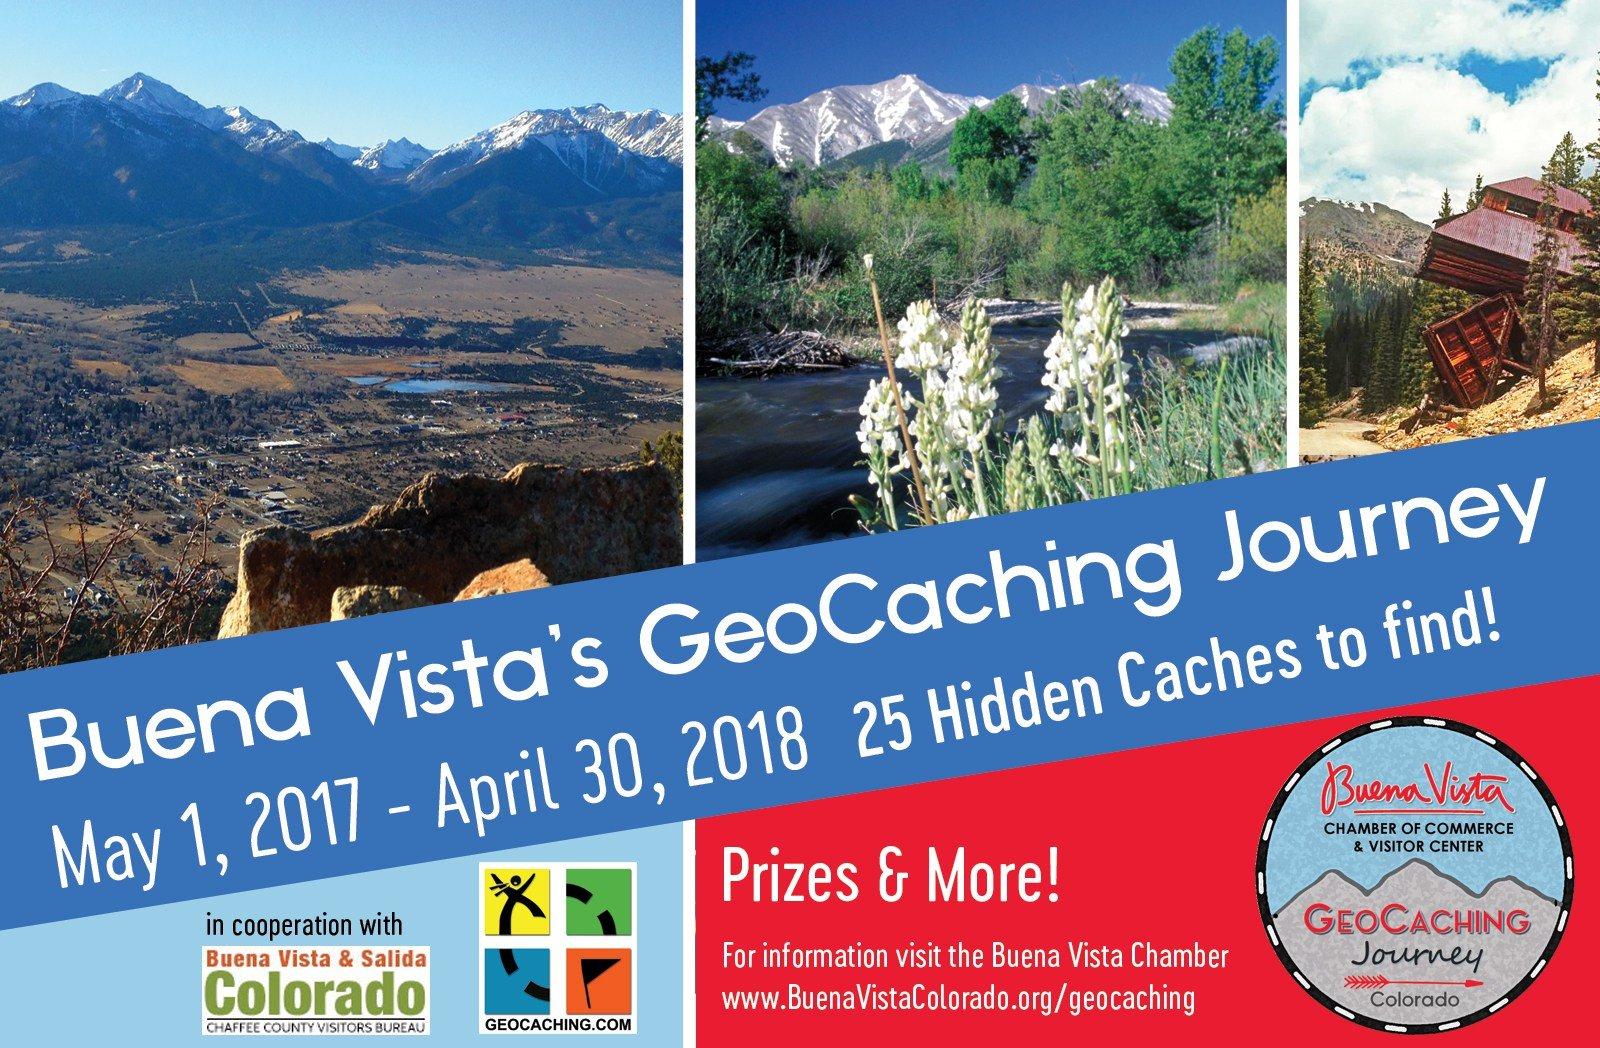 Buena Vista Geocaching Journey